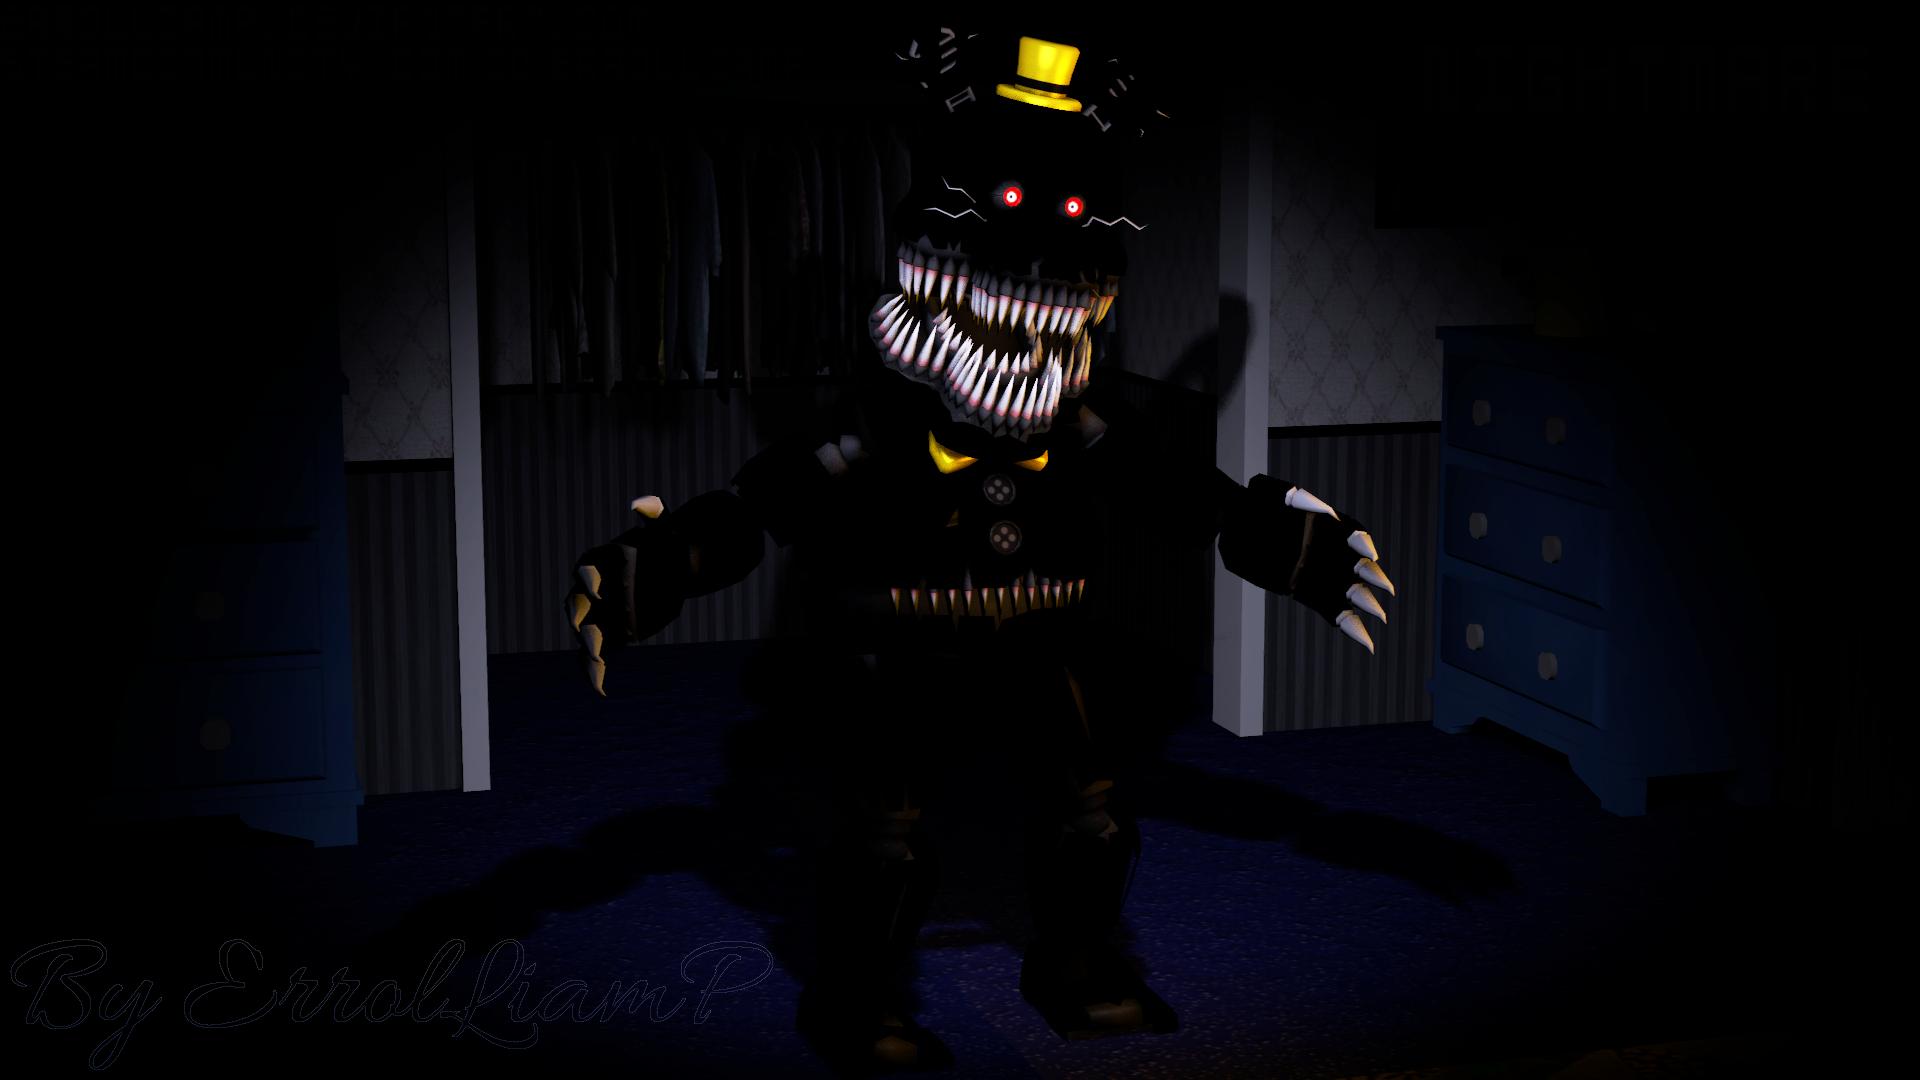 Nightmare render sfm by errolliamp on deviantart